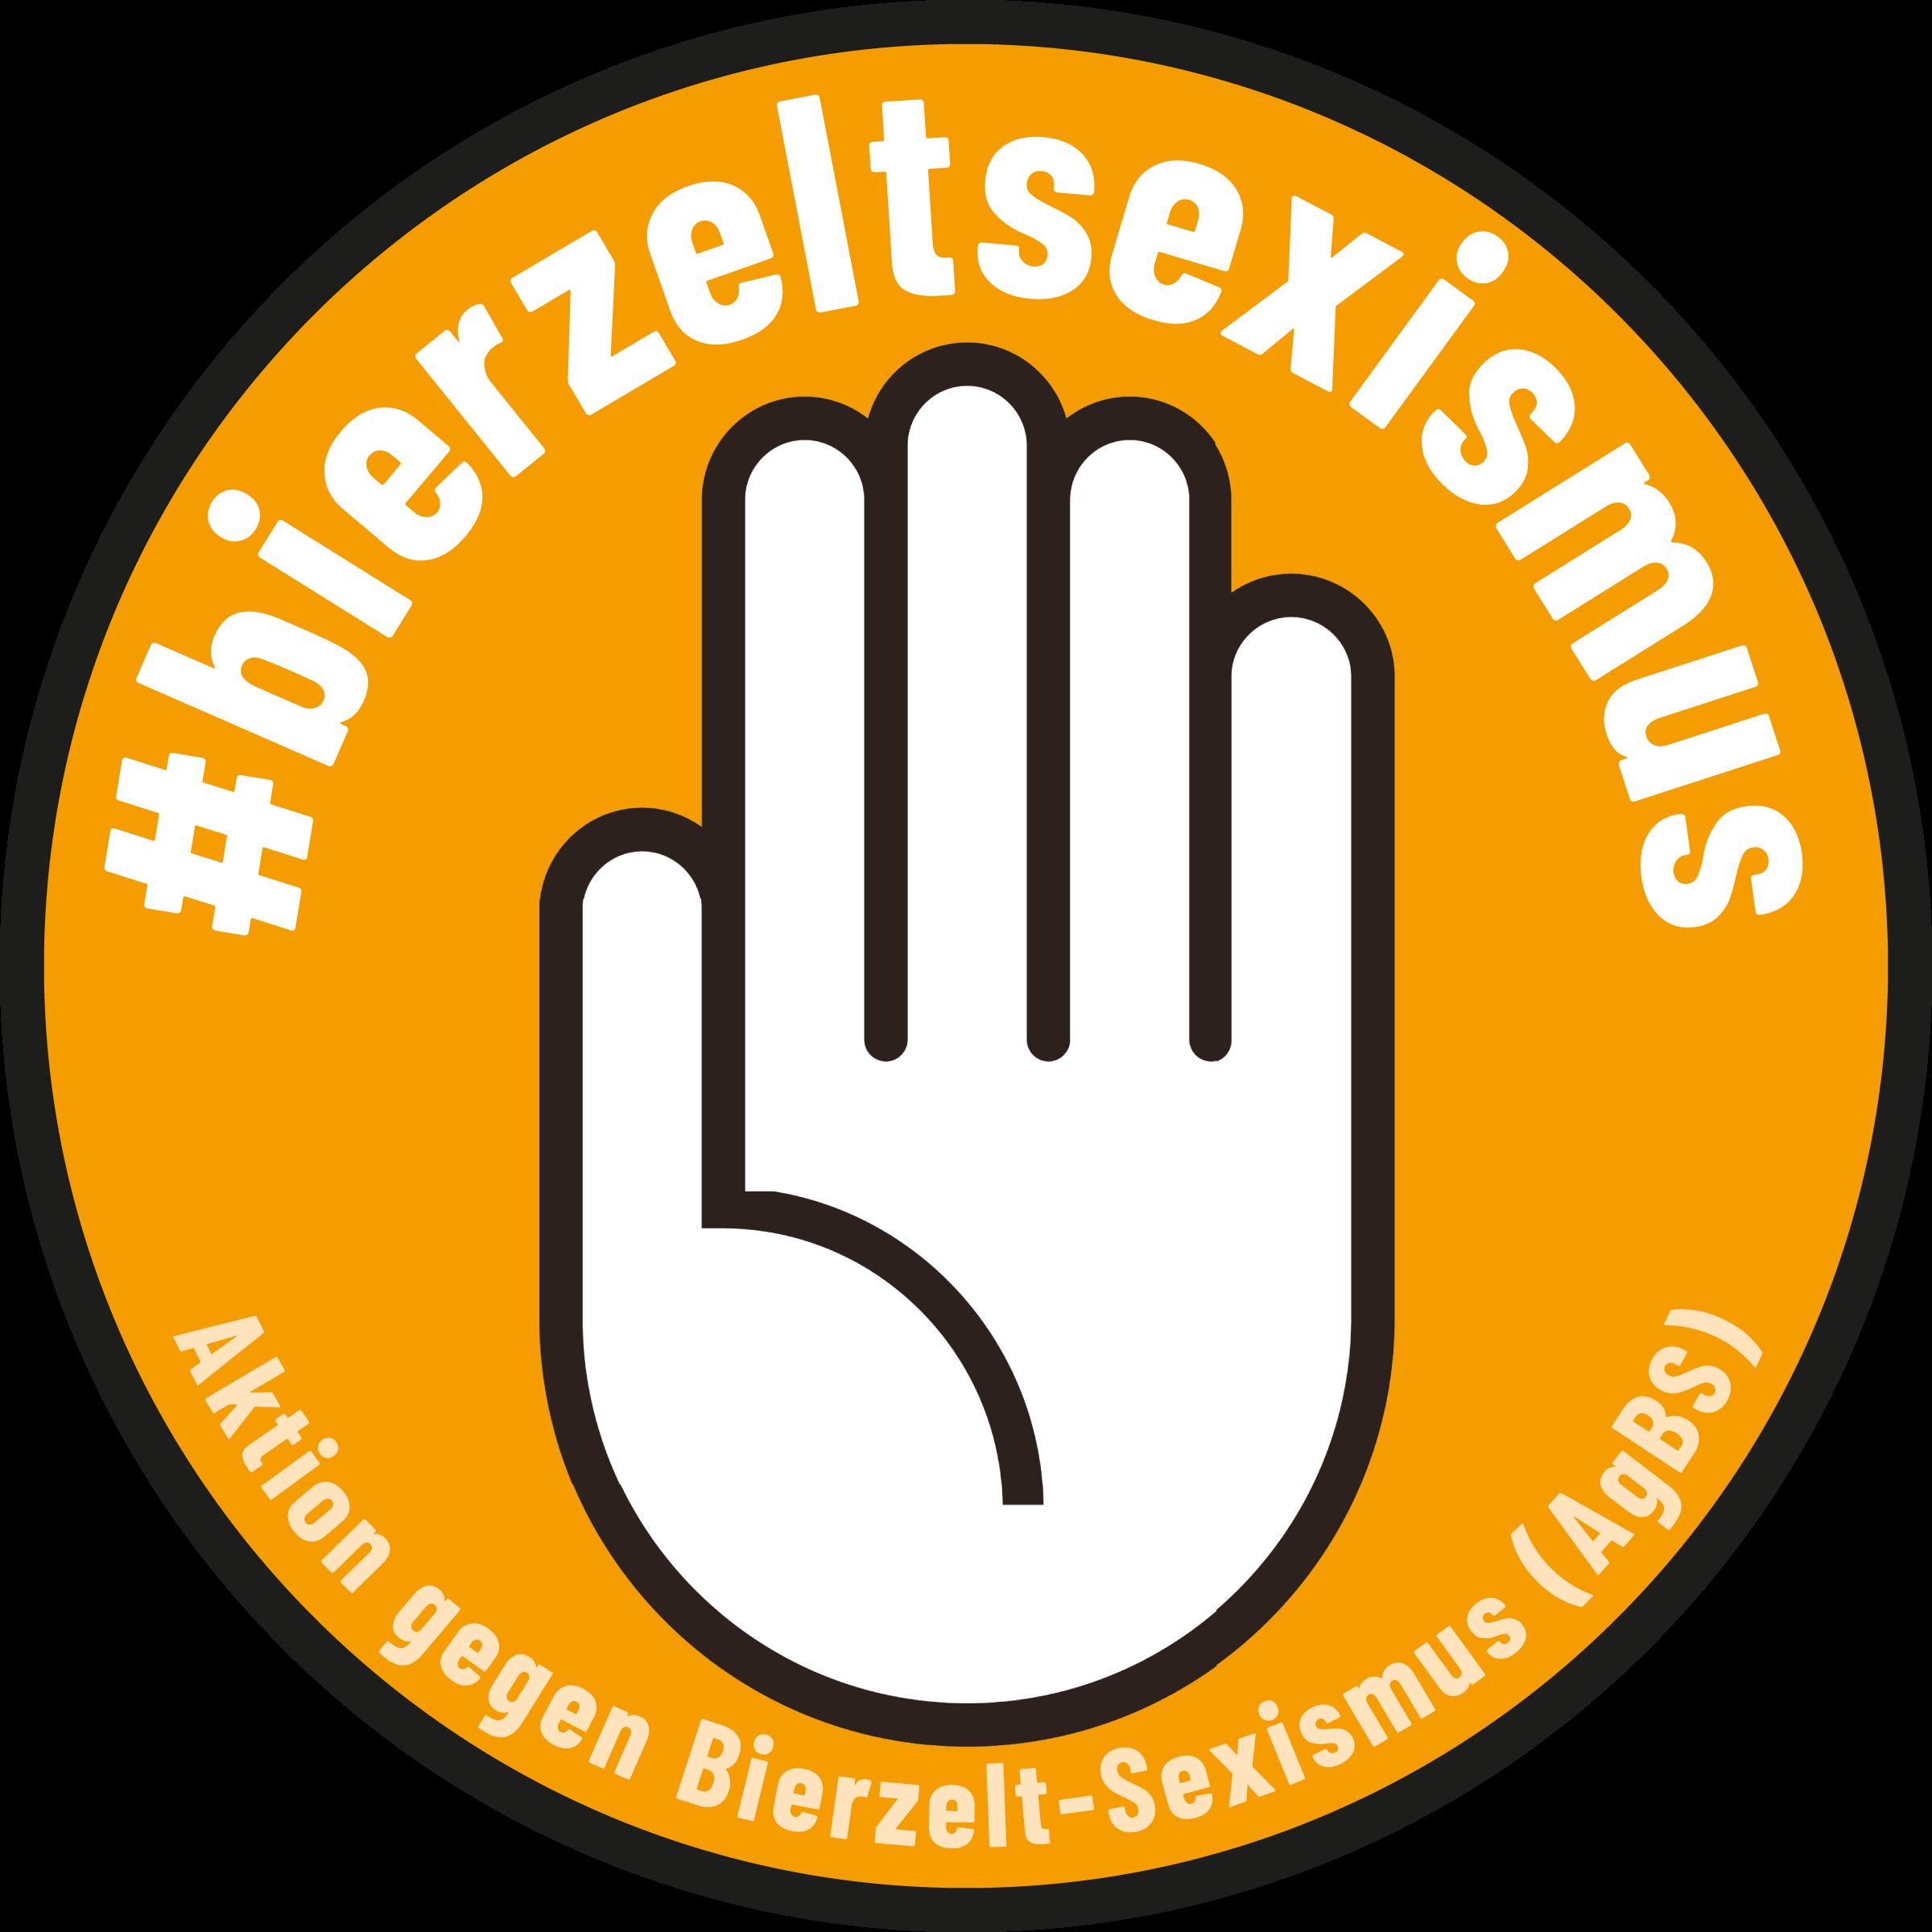 Aktion gegen Bierzelt-Sexismus n. e.V.